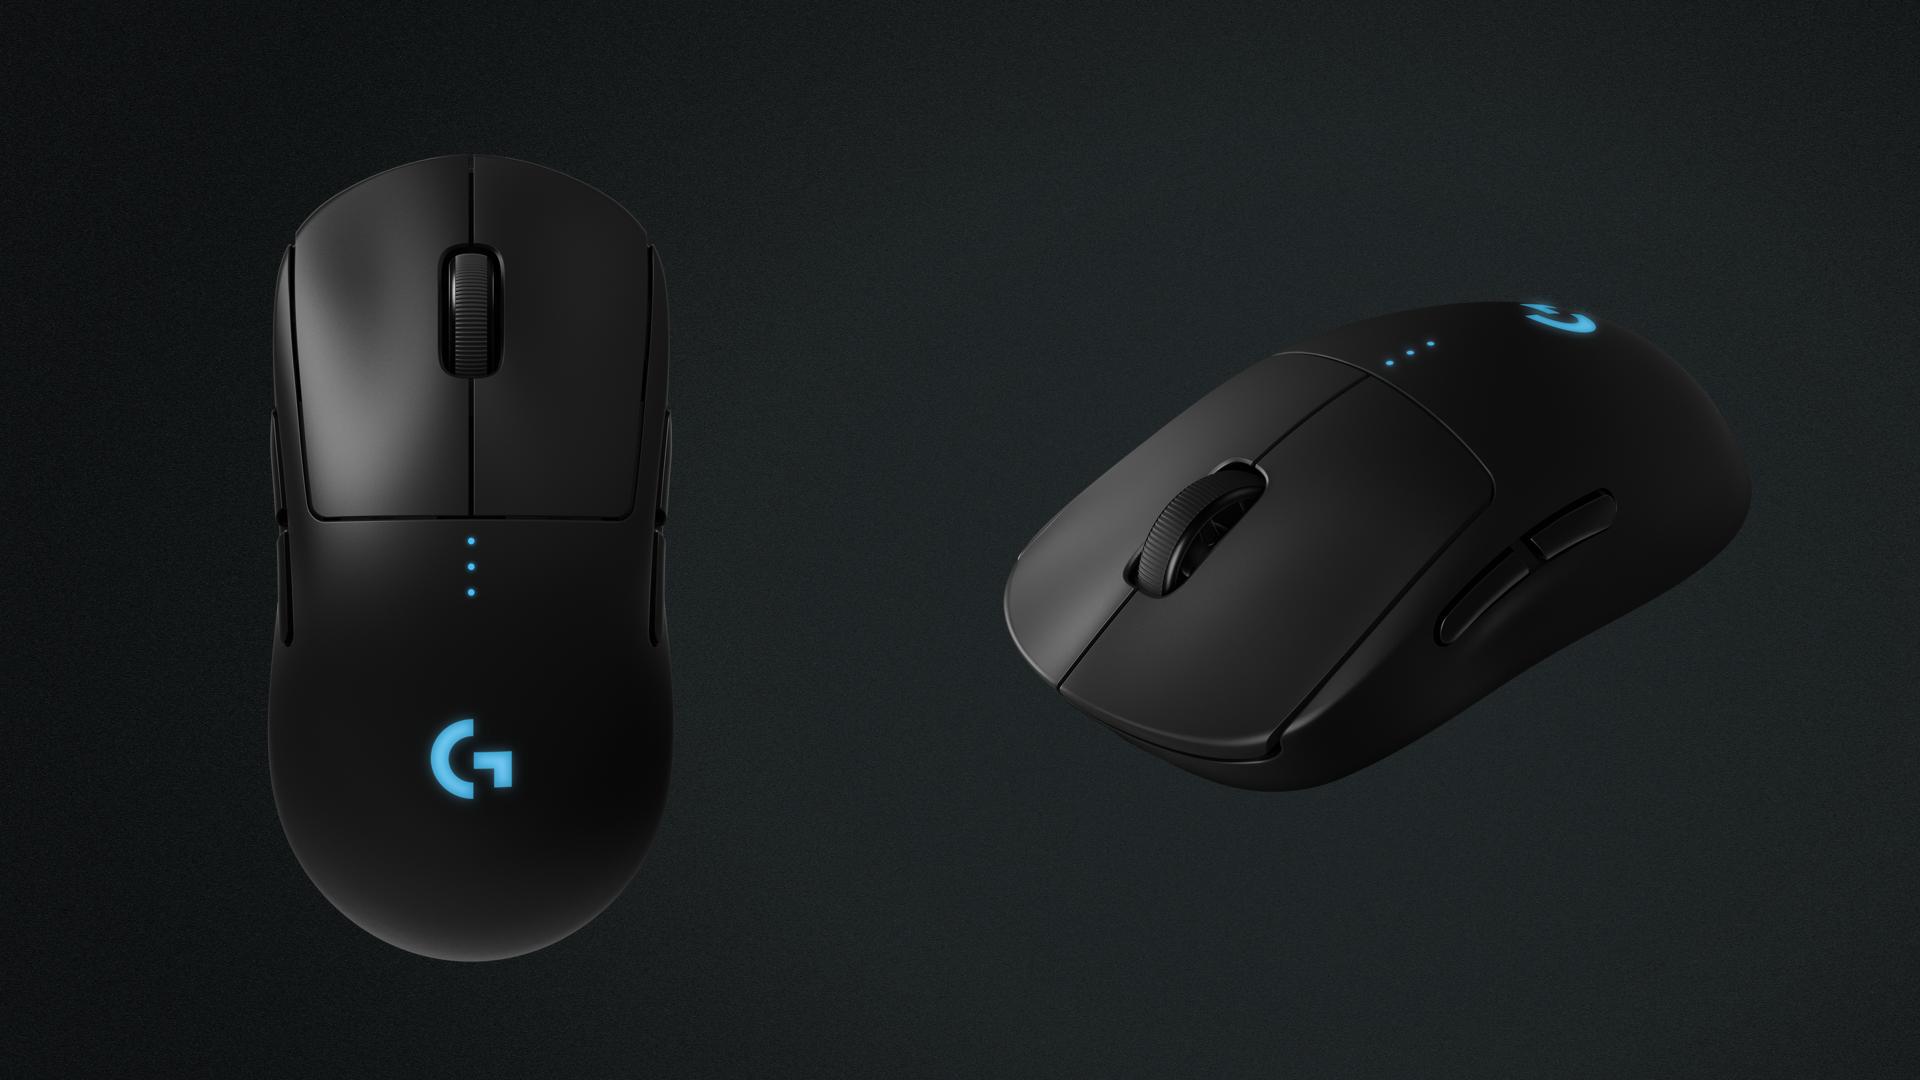 Prezent dla graczy 2020 myszka